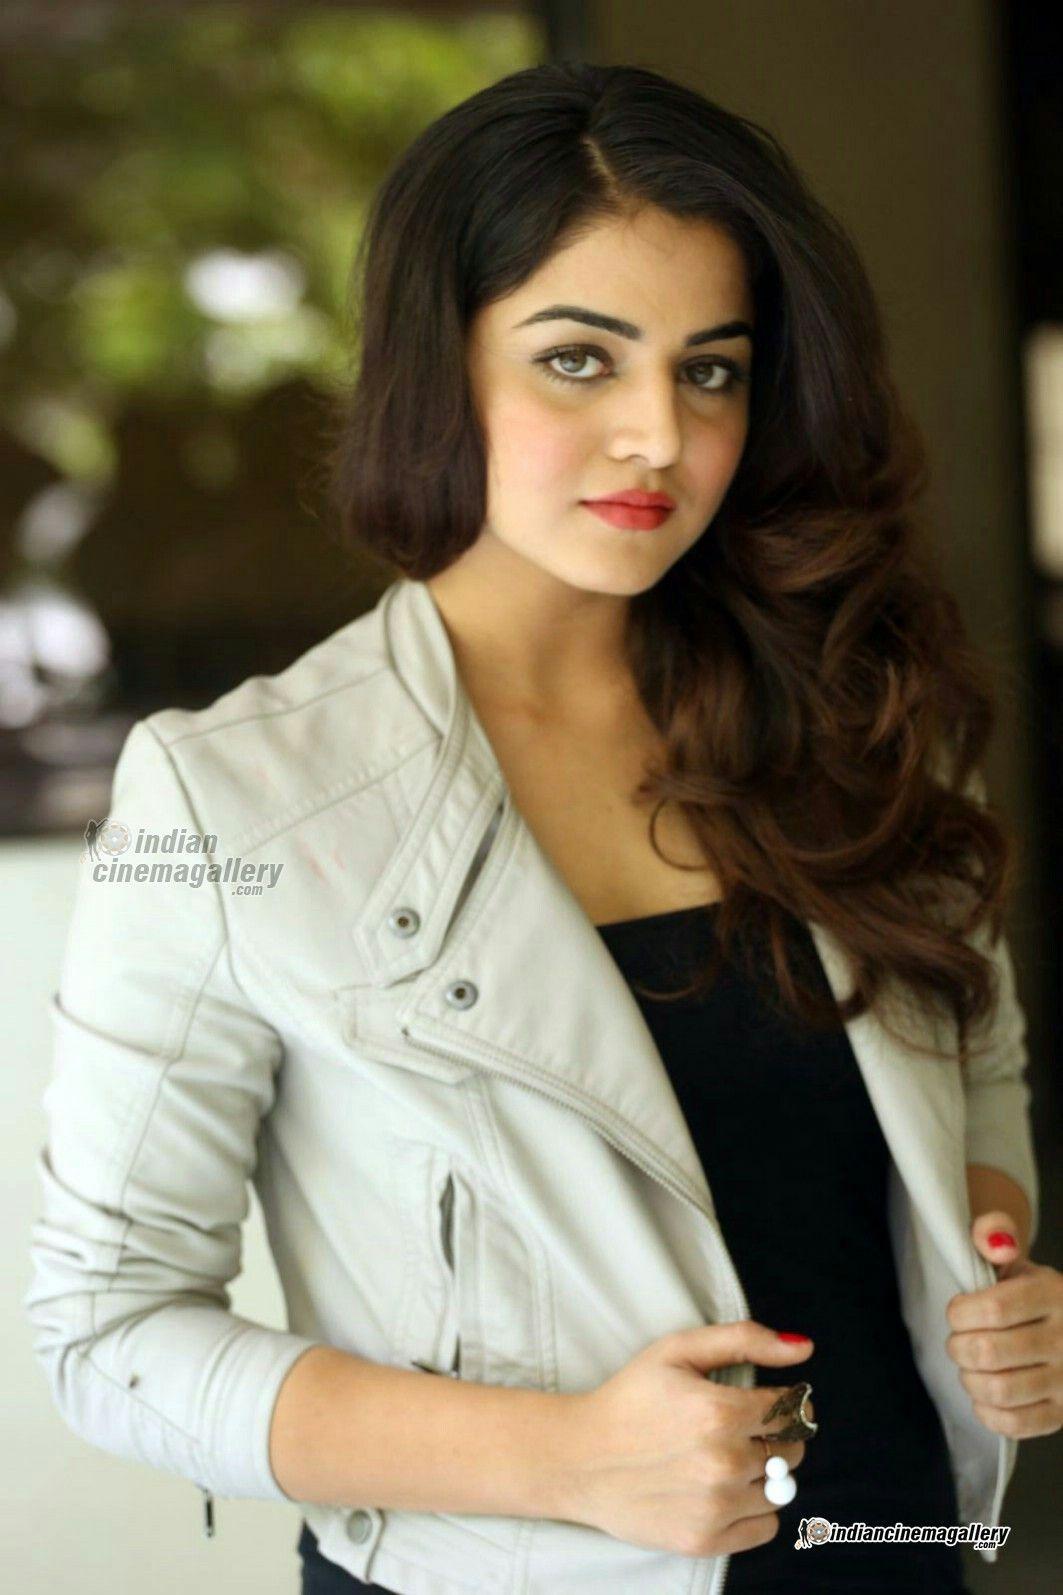 Pin by Ashish Bharwal on Bollywood Beautiful eyes